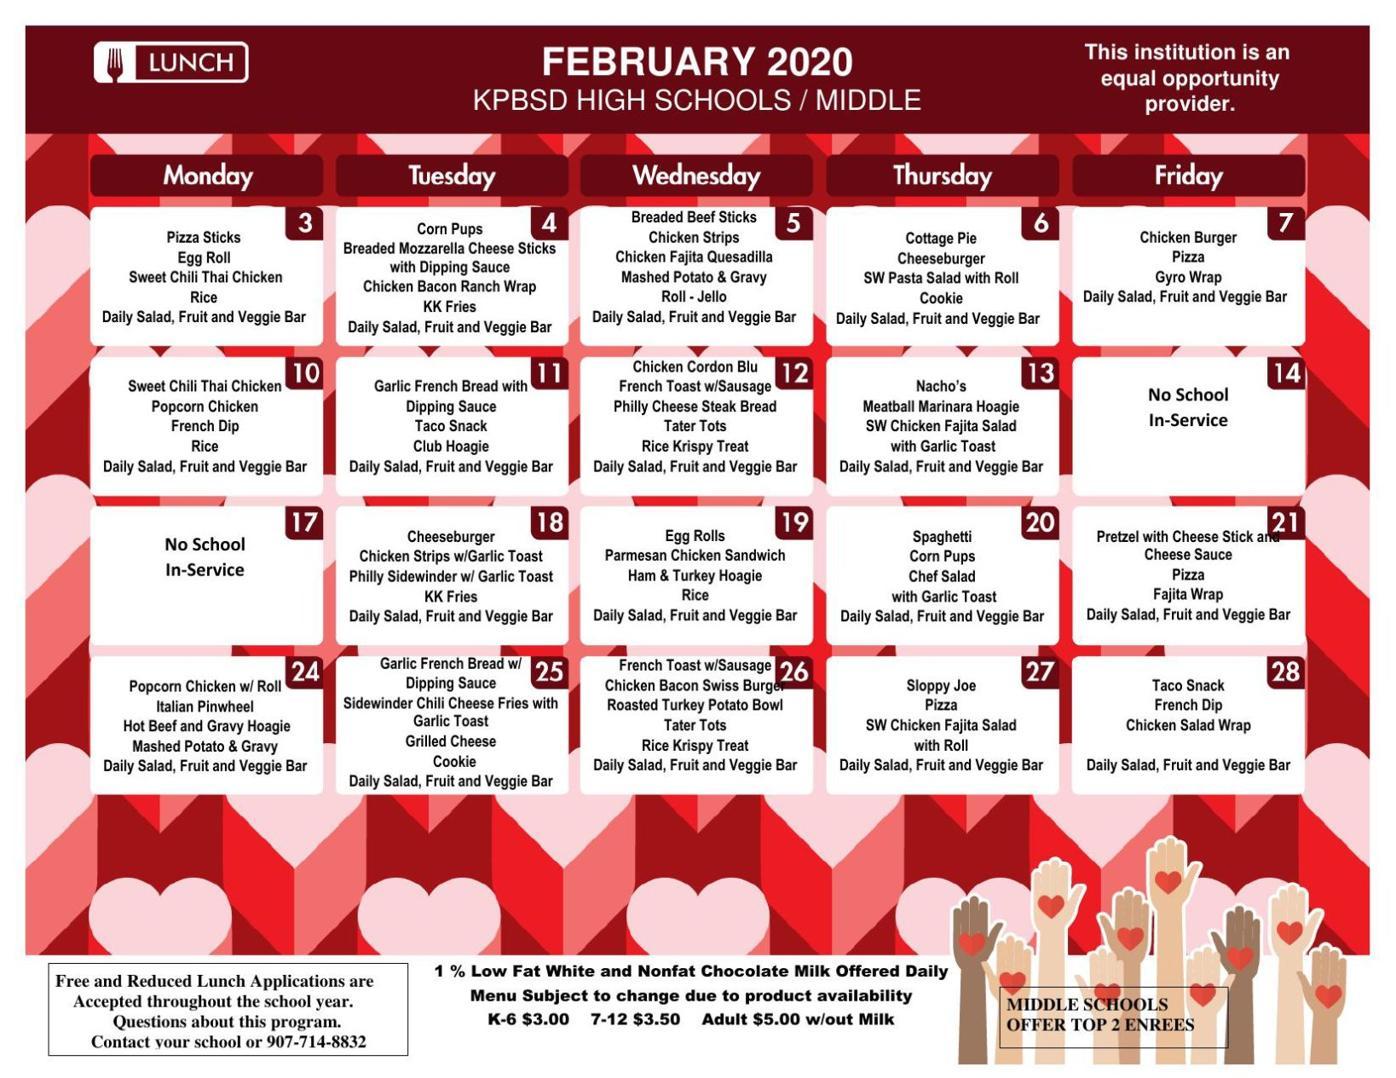 Seward Middle School Lunch Menu Feb. 2020